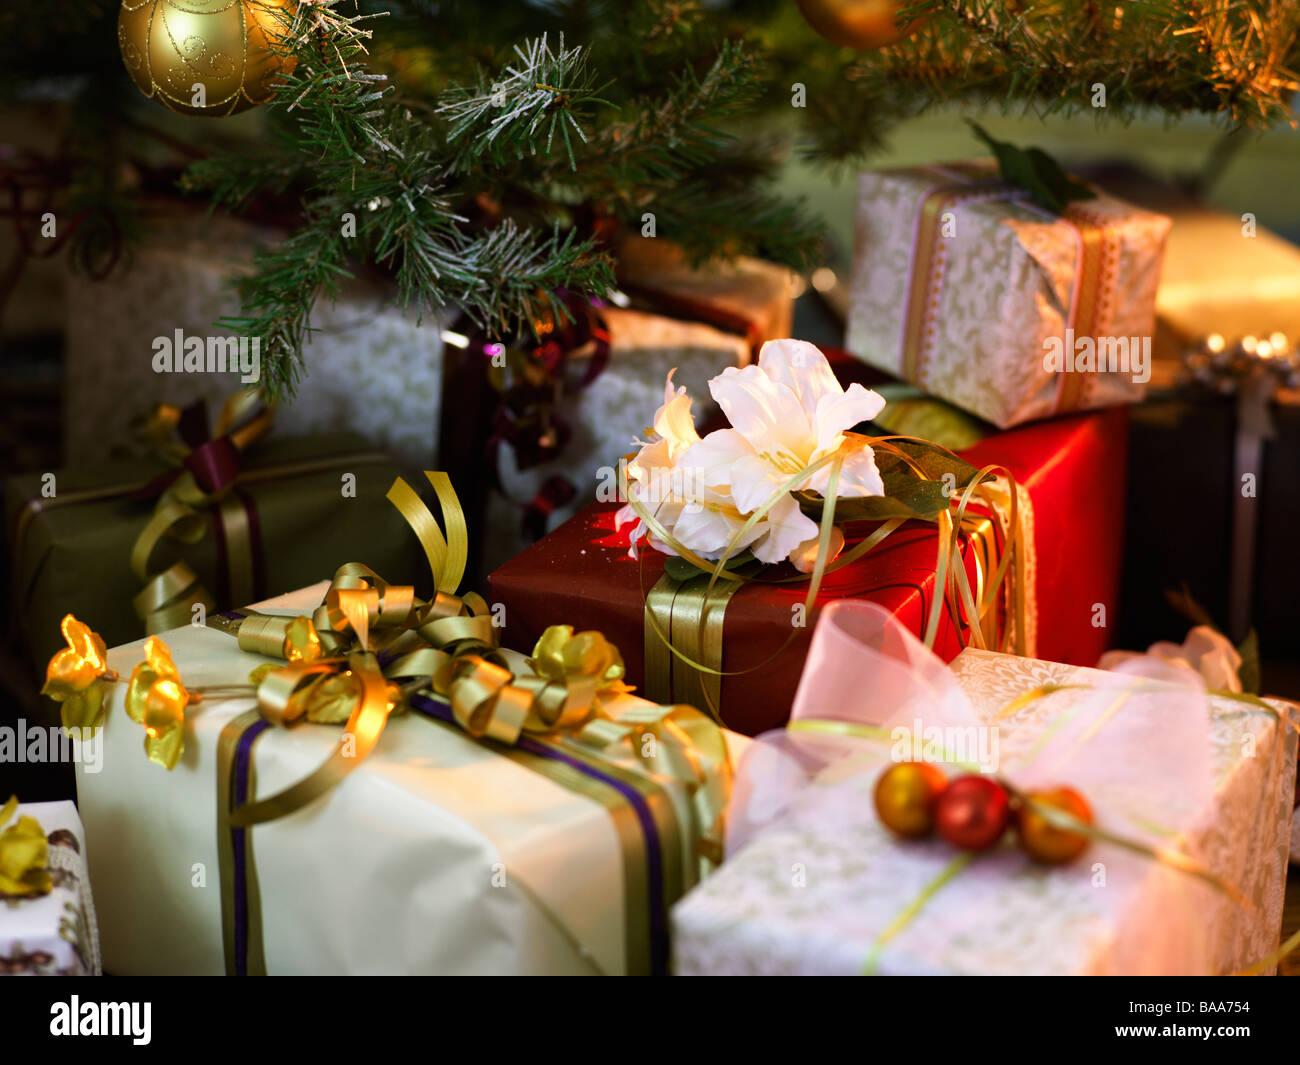 Weihnachtsgeschenke unter einem Weihnachtsbaum, Schweden Stockfoto ...